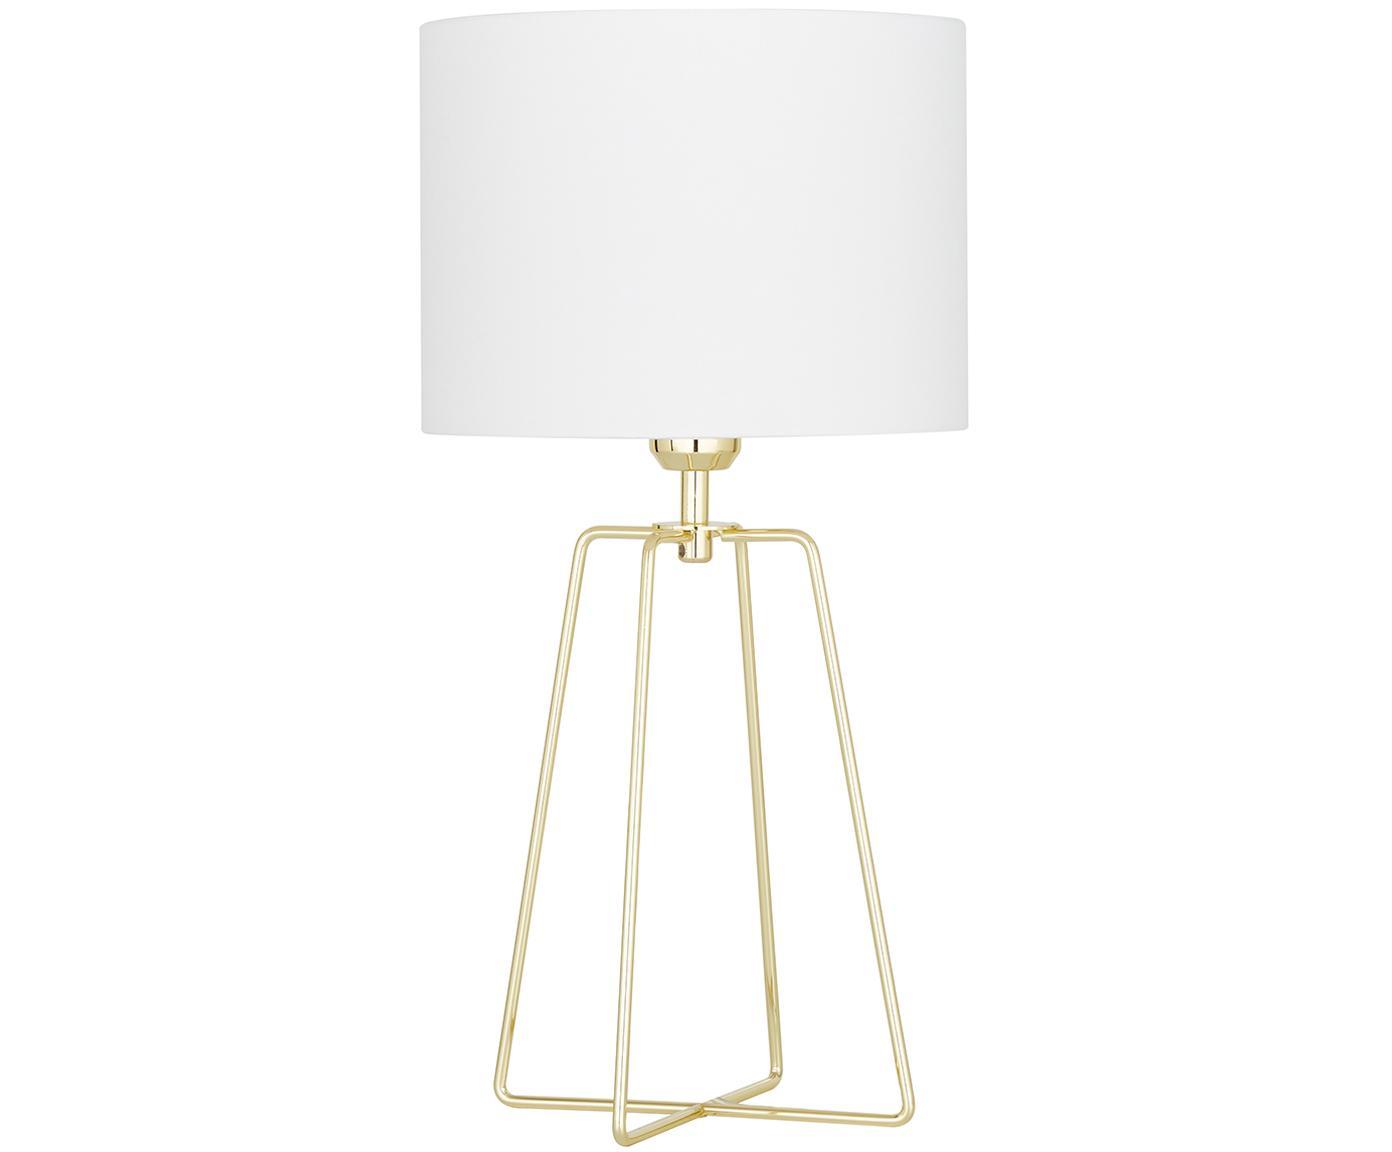 Samt-Tischlampe Karolina mit goldenem Lampenfuß, Lampenschirm: Samt, Lampenfuß: Metall, vermessingt, Weiß, Gold, Ø 25 x H 49 cm